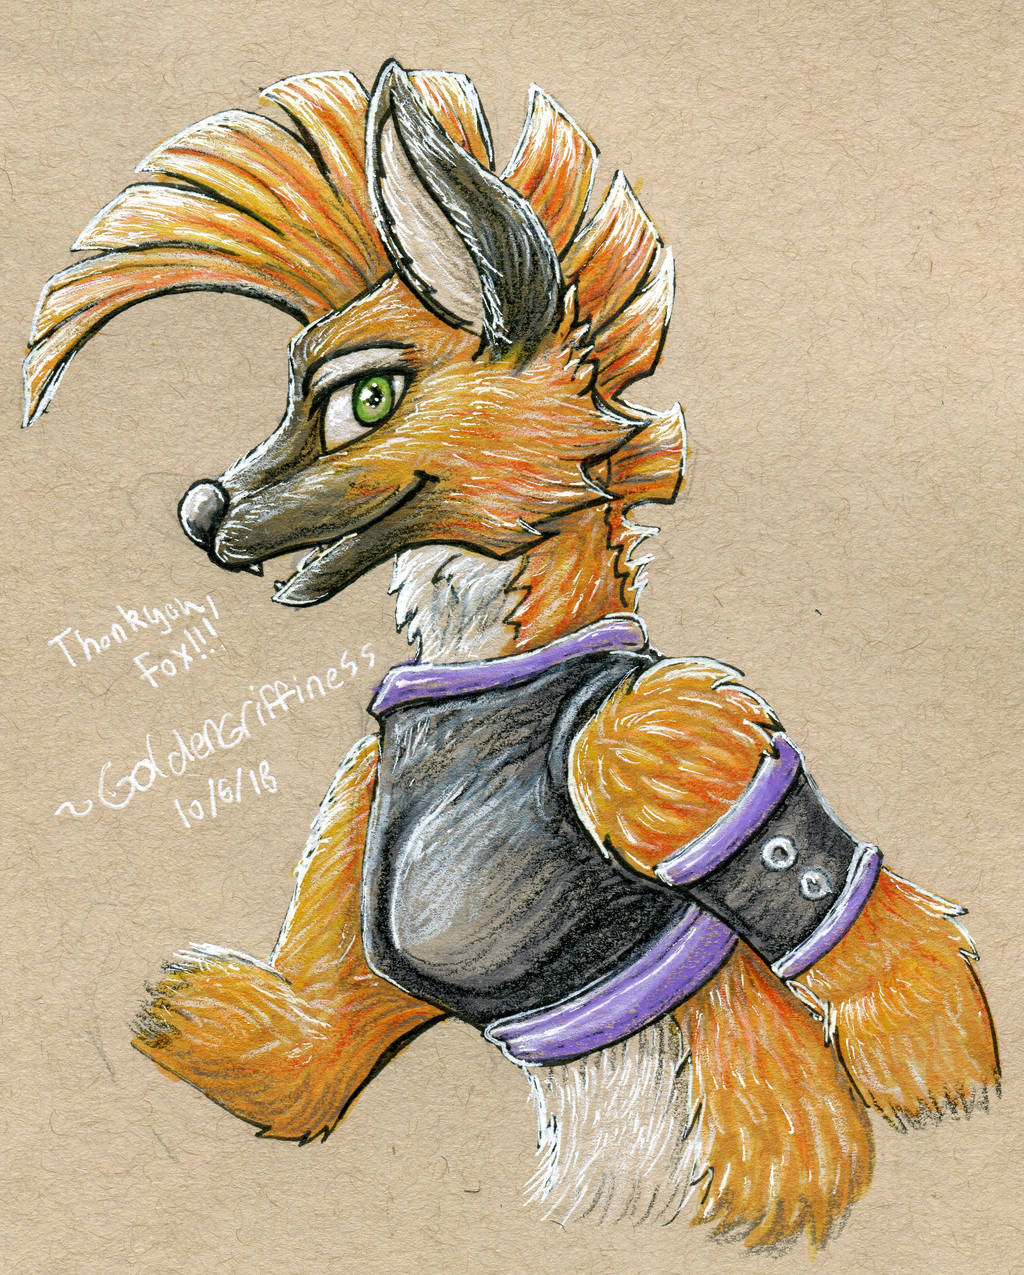 (Com) Thanks to the Fox